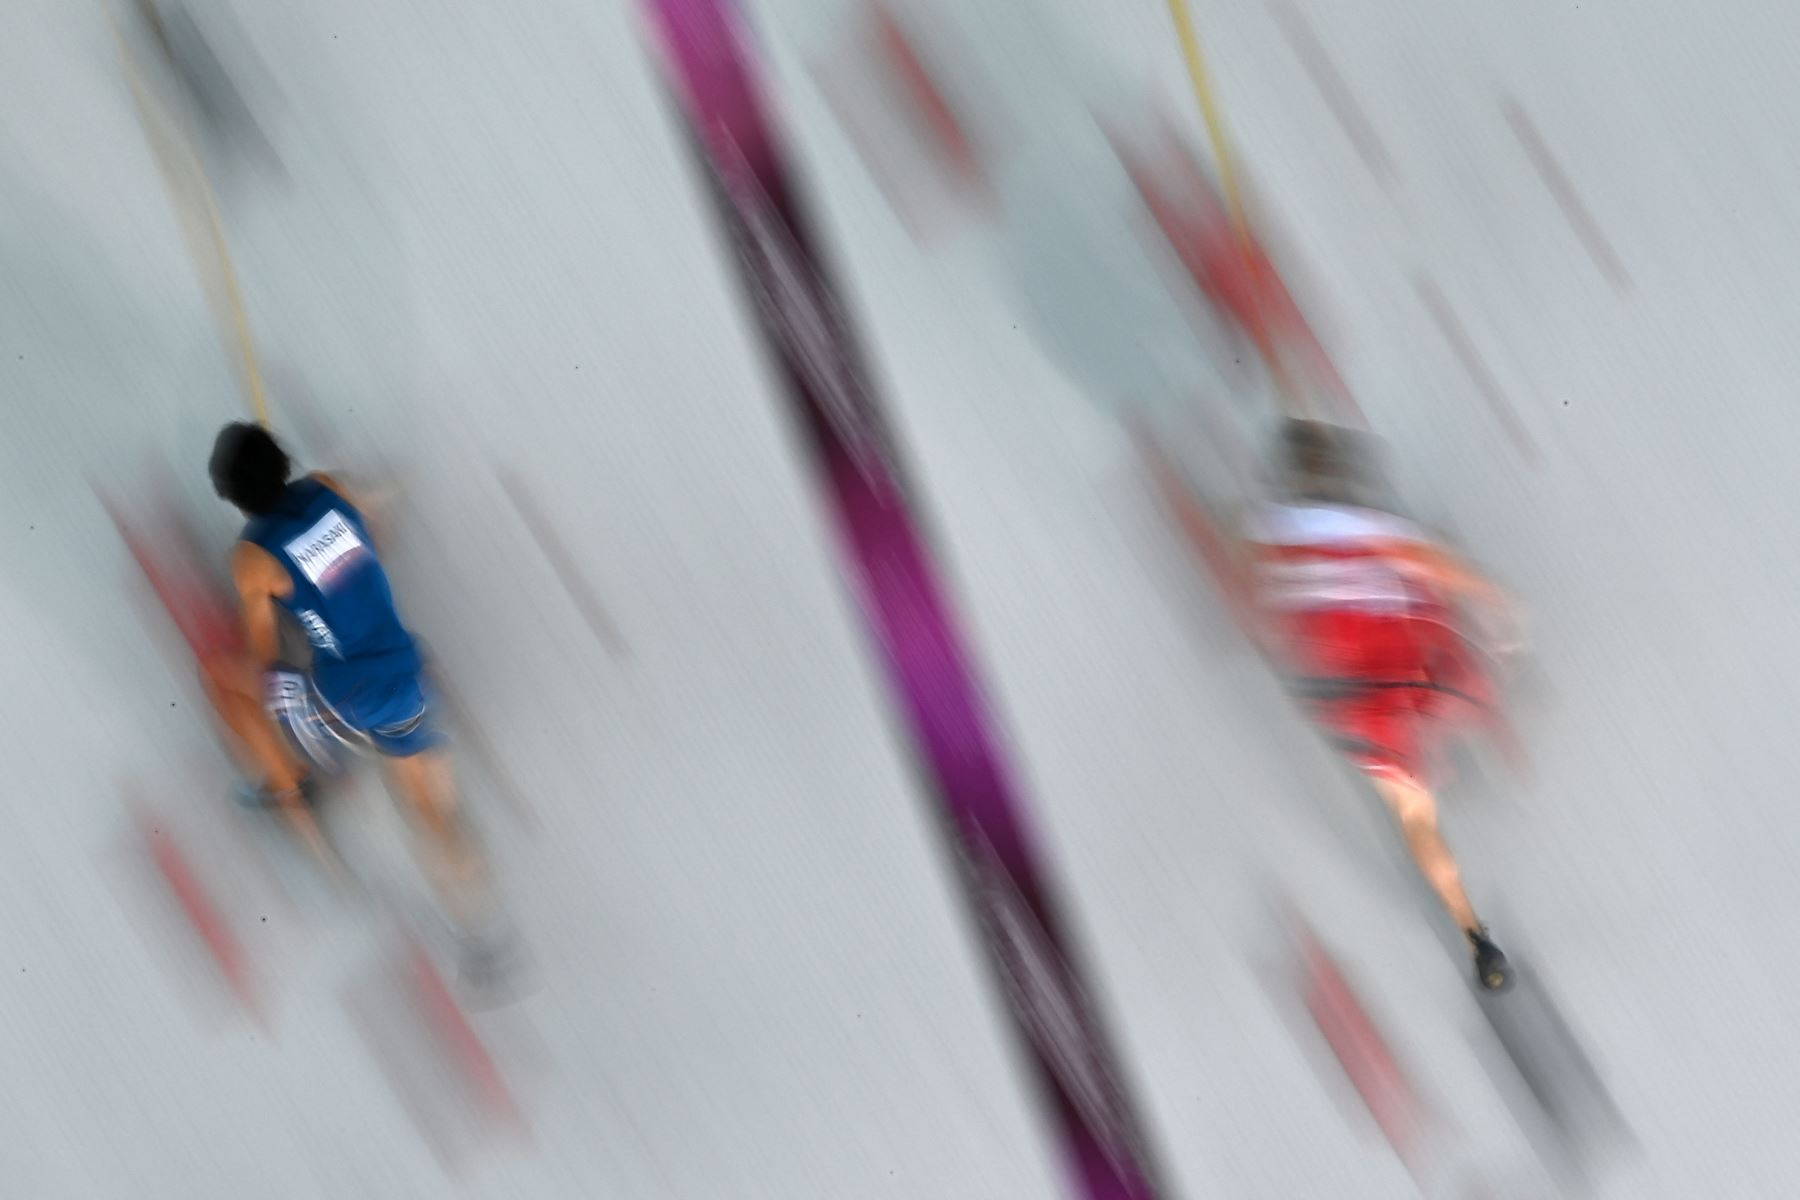 El japonés Tomoa Narasaki compite con el austriaco Jakob Schubert en los cuartos de final de velocidad de escalada deportiva masculina durante los Juegos Olímpicos de Tokio 2020.Foto: AFP